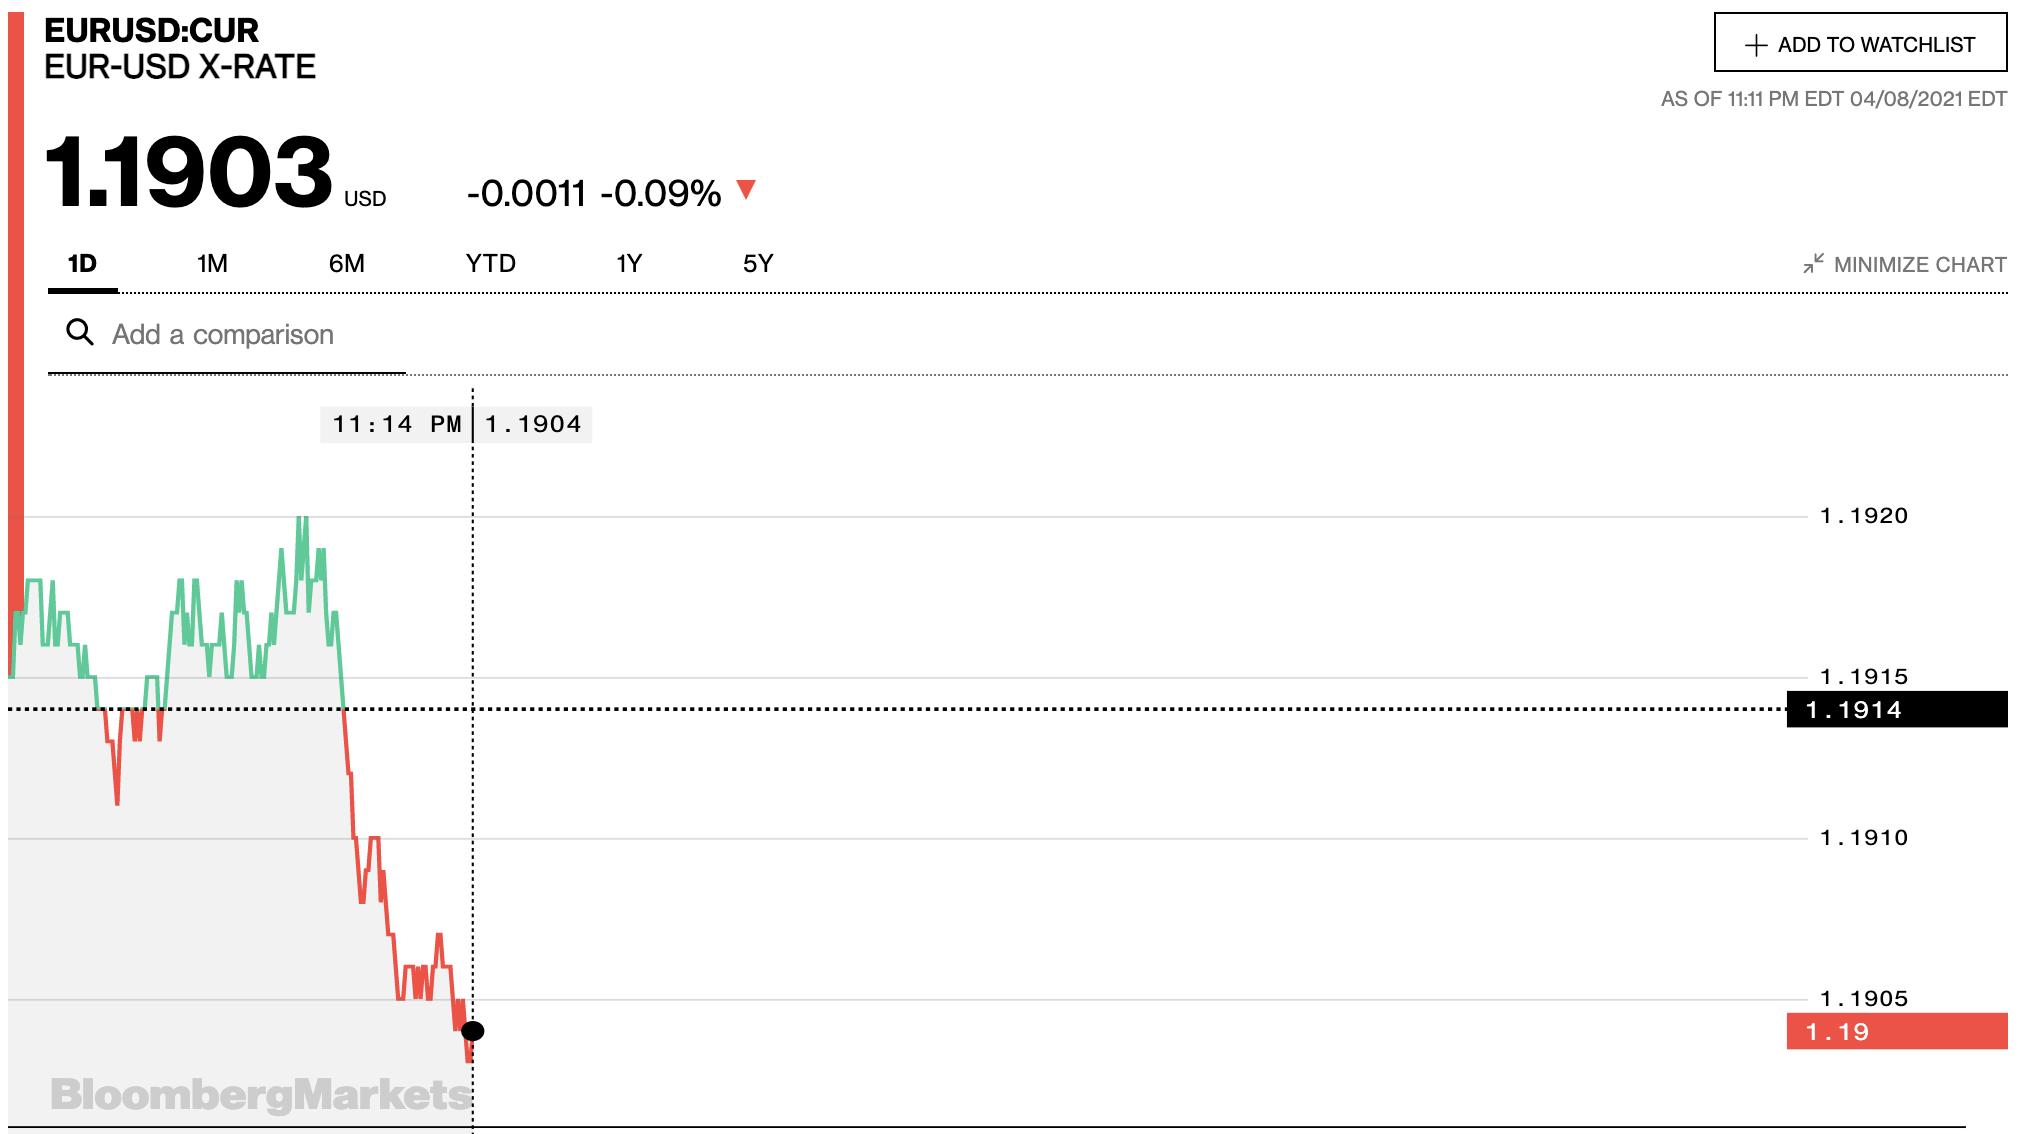 Tỷ giá euro hôm nay 9/4: Các ngân hàng đồng loạt quay đầu tăng trở lại - Ảnh 2.